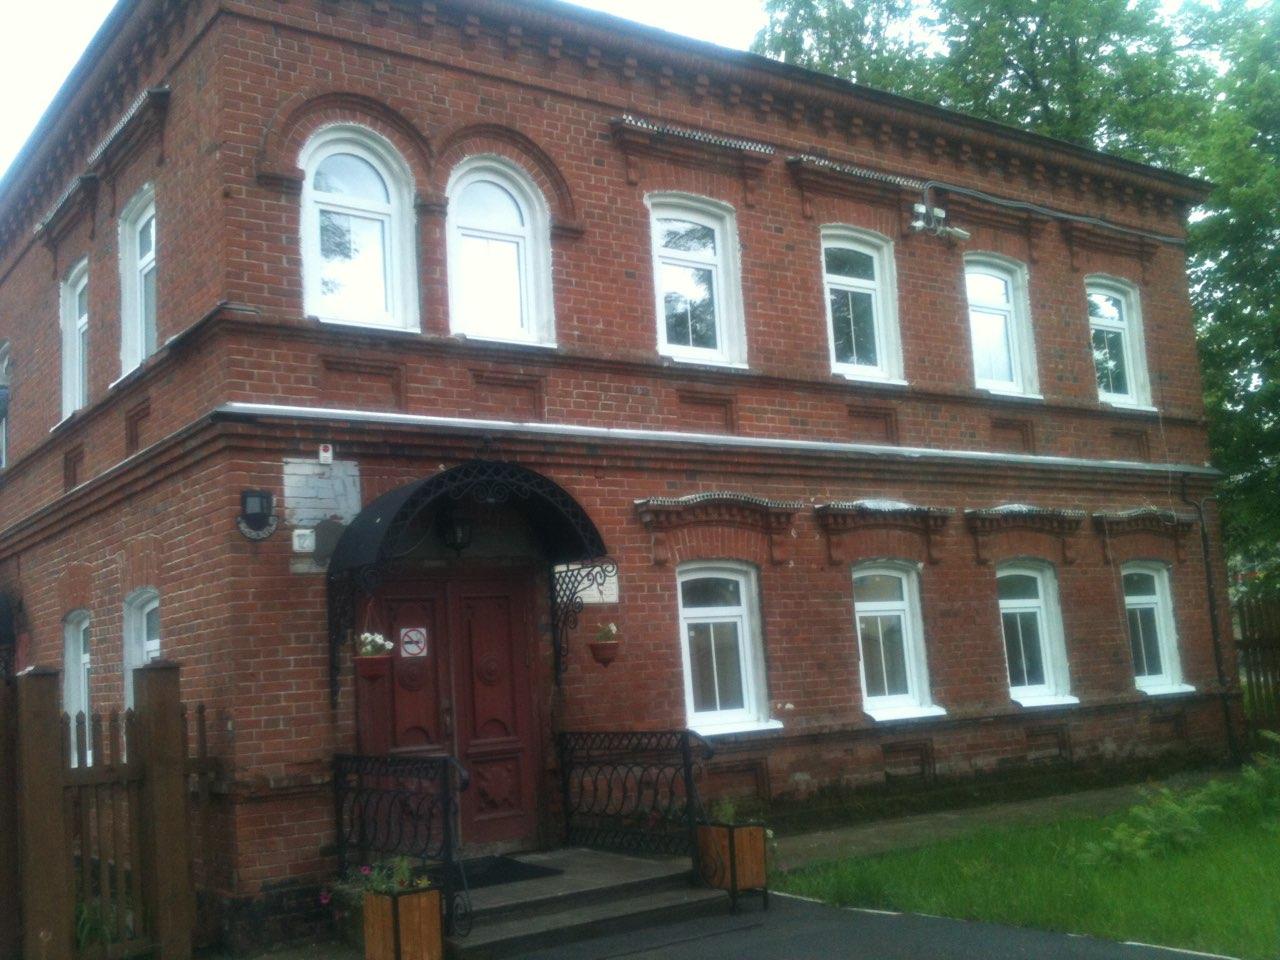 Остекление административного здания окнами ПВХ (арочного типа). Примерная цена 10 000 руб за одно окно